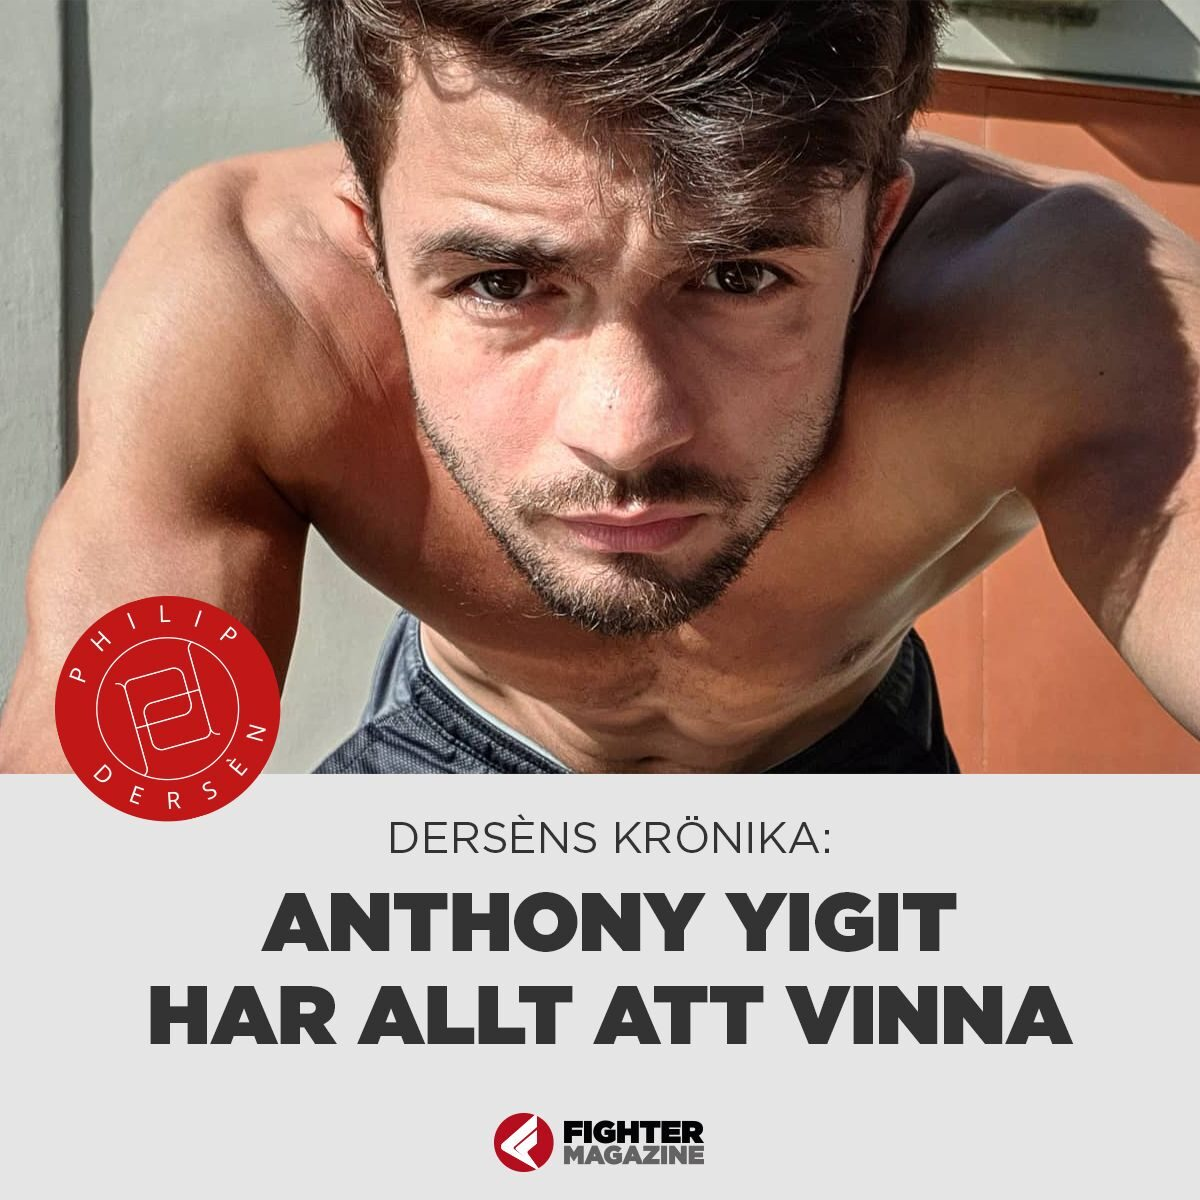 KRÖNIKA: Anthony Yigit har allt att vinna